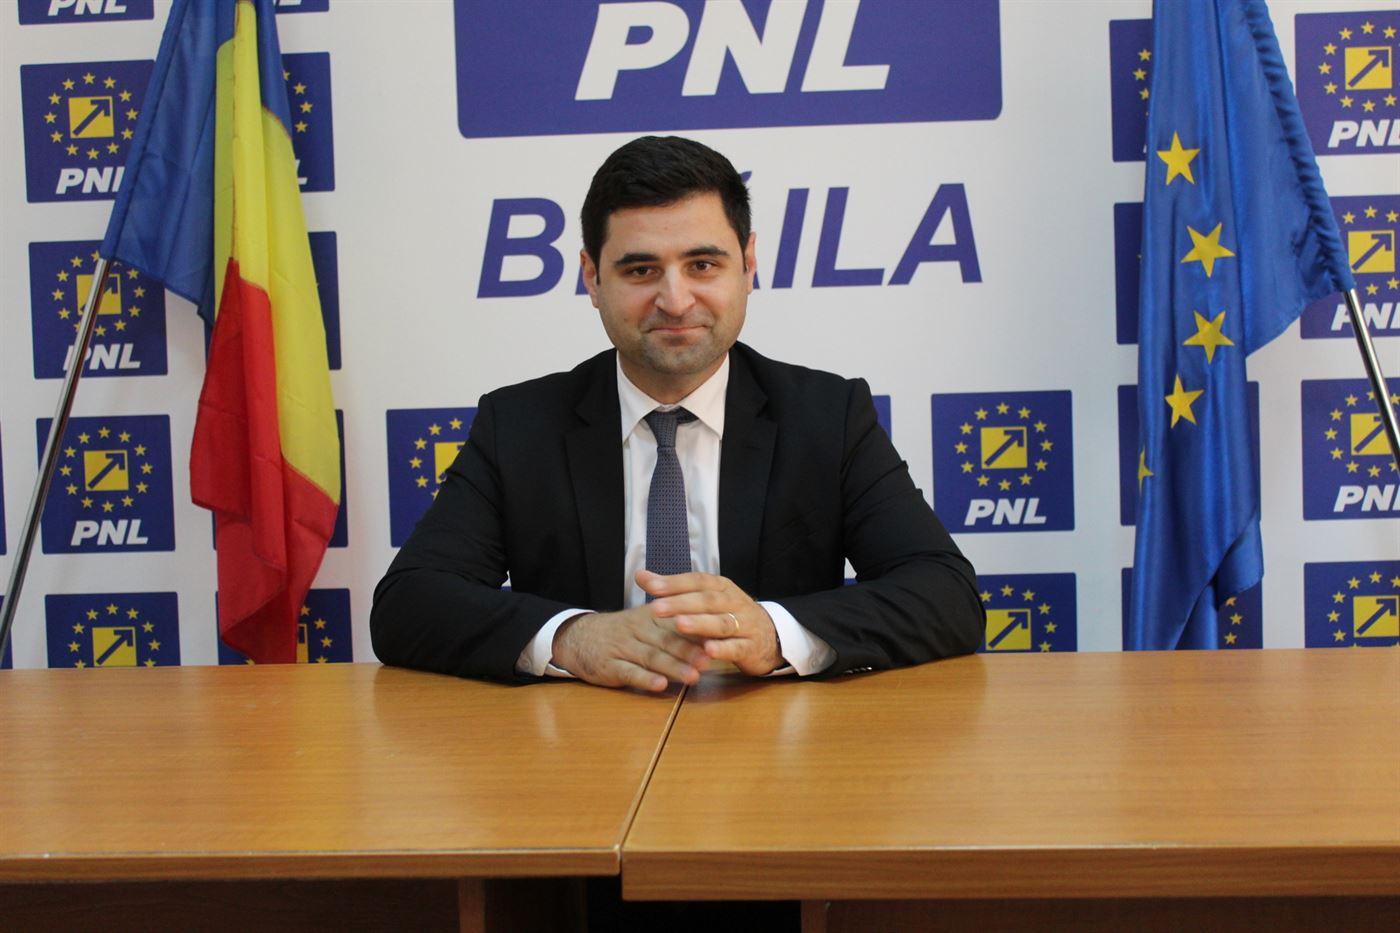 După anunțul demisiei din fruntea organizației PNL Brăila, Dănăilă a anunțat că se retrage și din Consiliul Județean